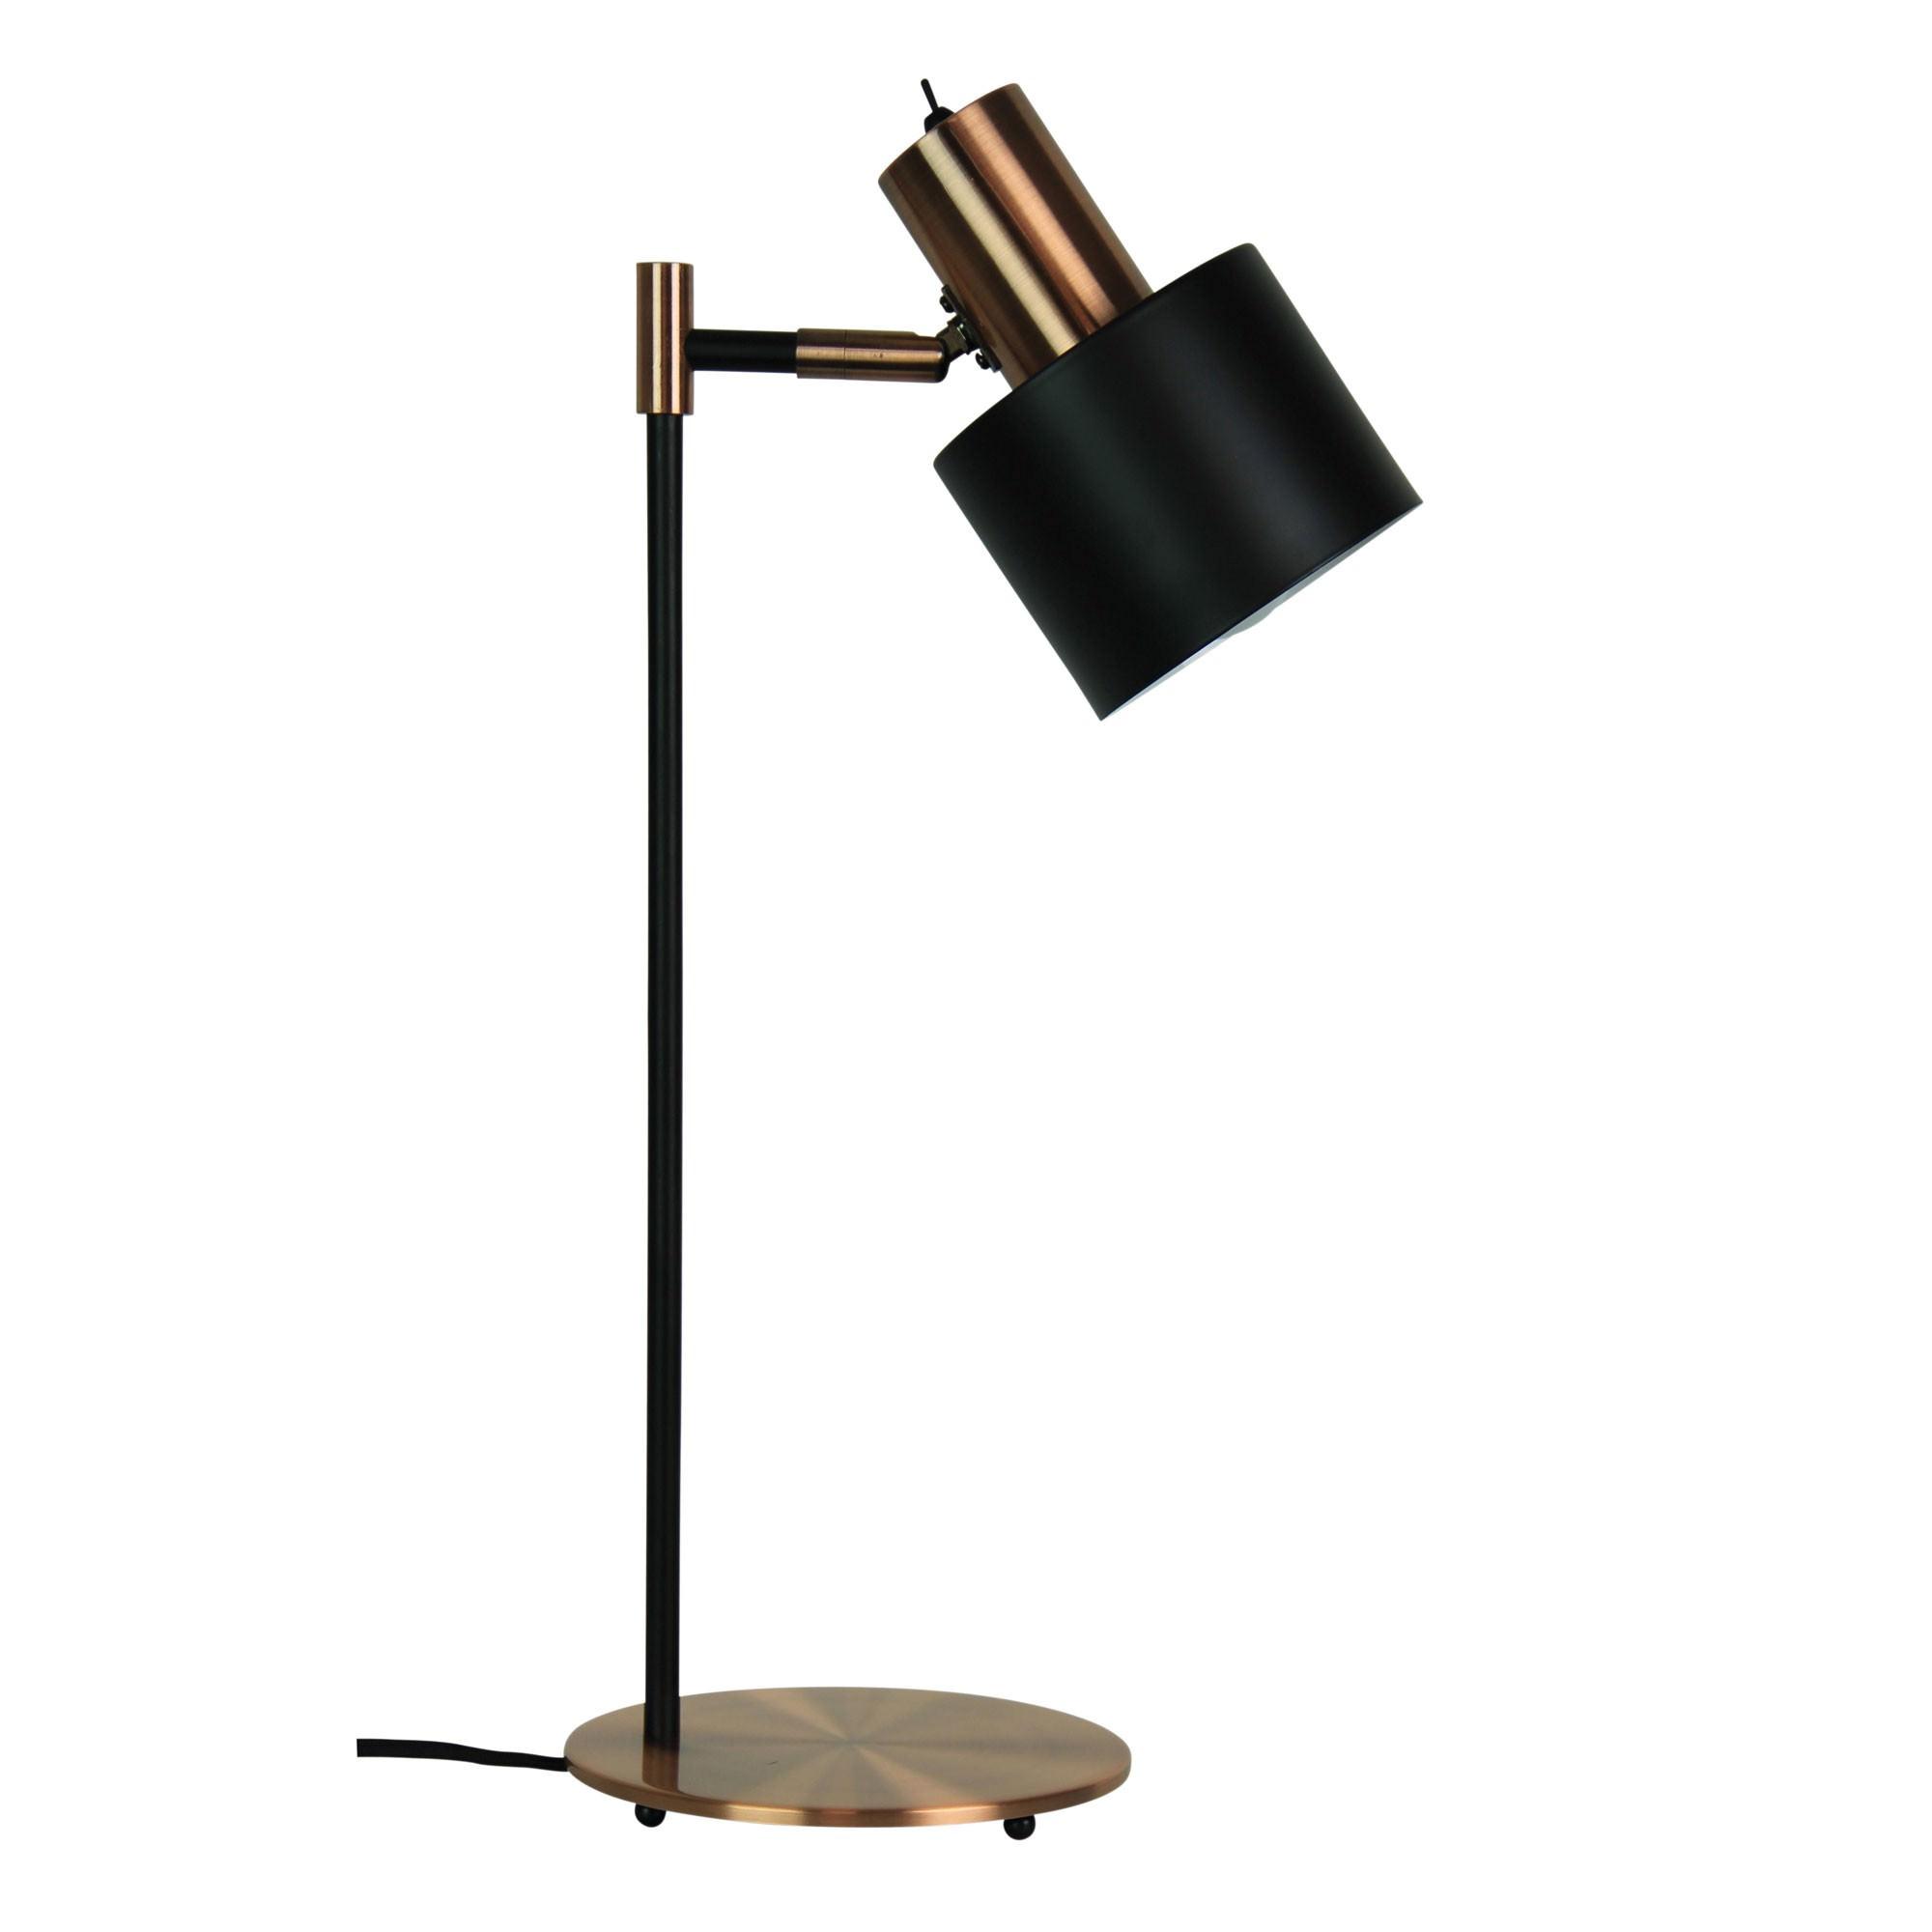 Ari Metal Desk Lamp, Brushed Copper